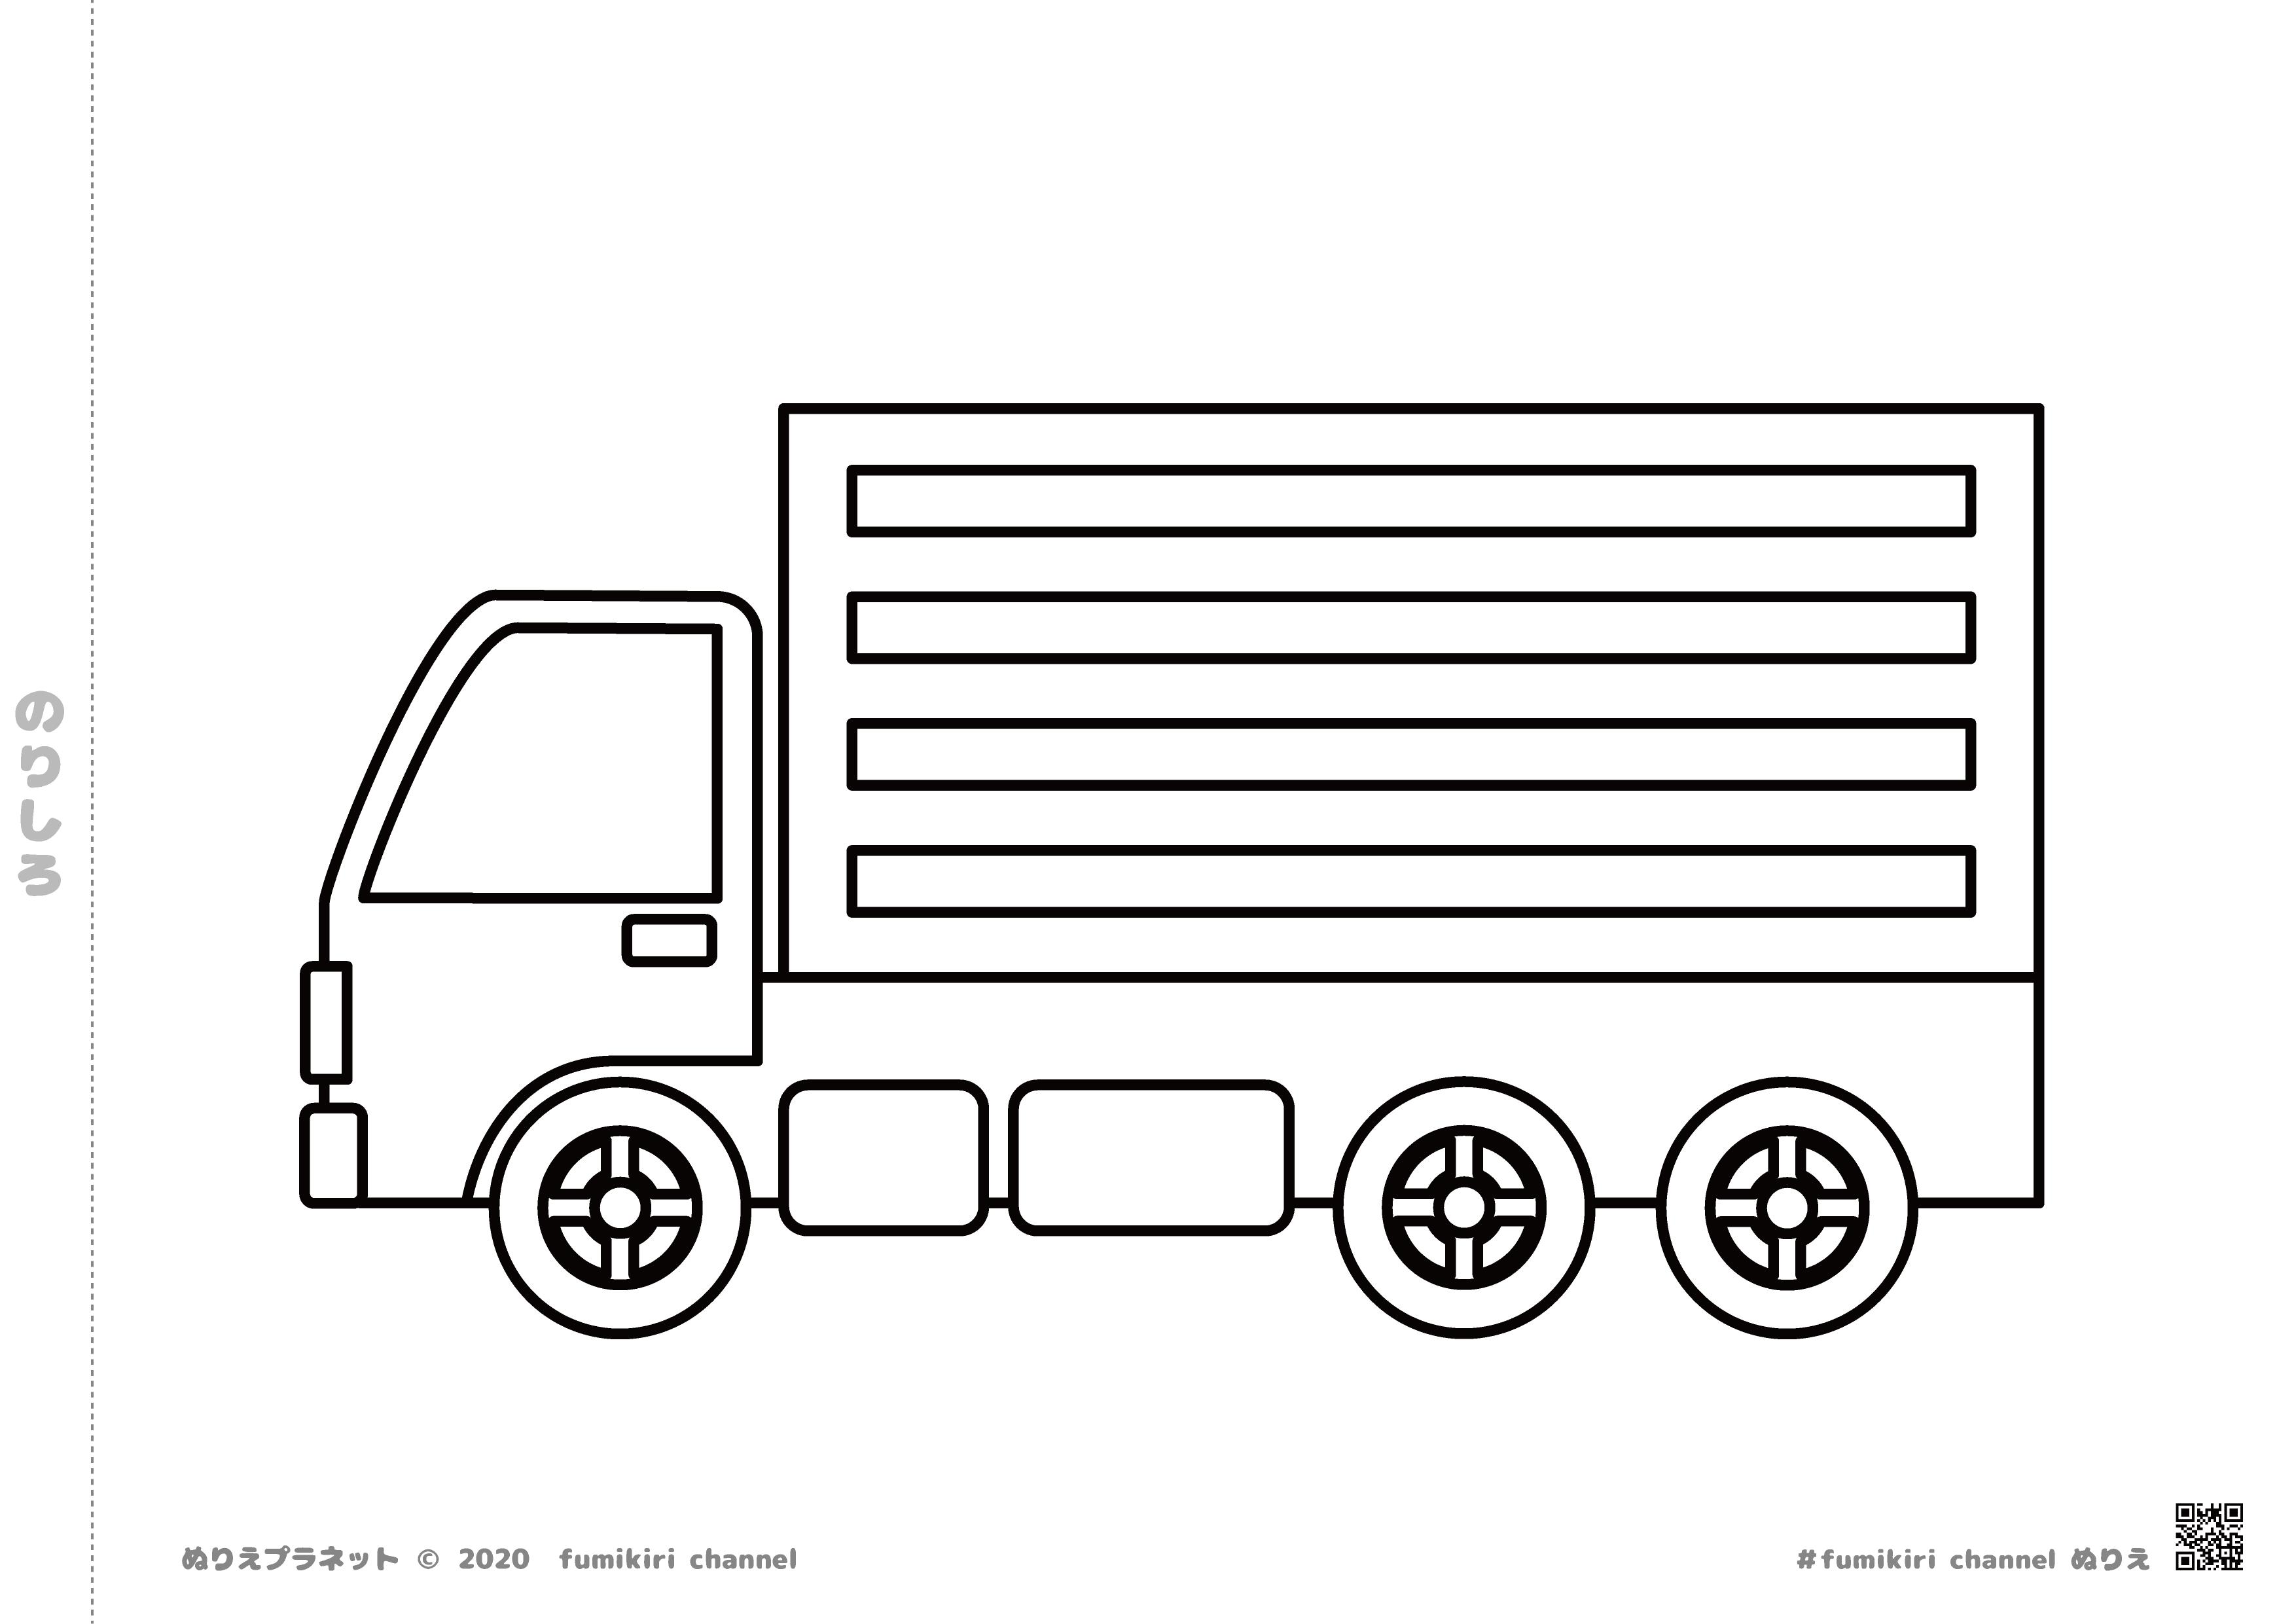 トラックが荷物をはこぶため道路をはしっていくぬりえ